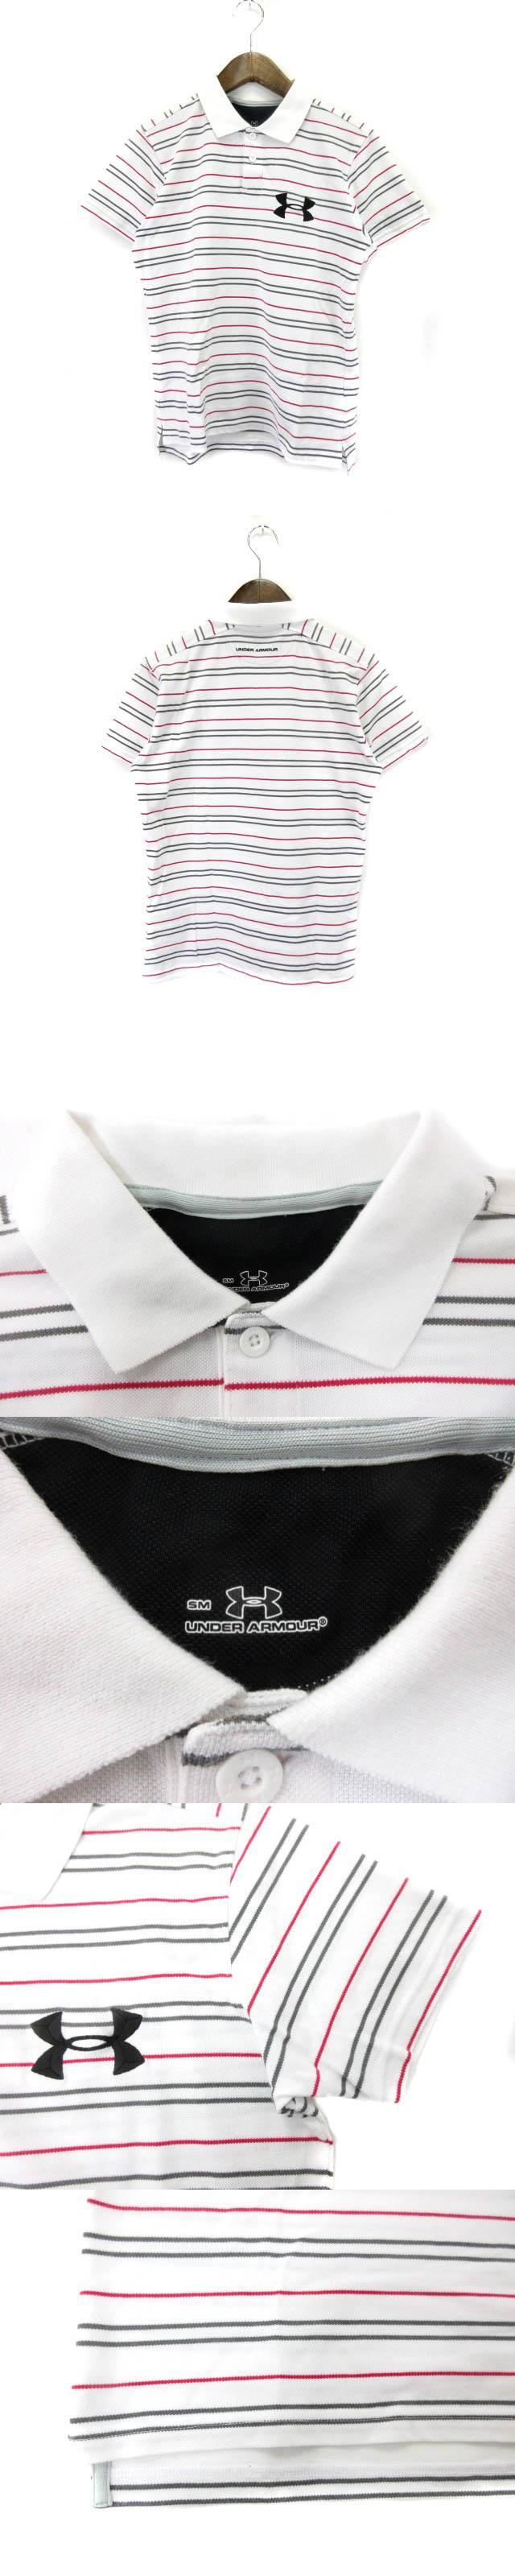 ポロシャツ 半袖 ボーダー ロゴ SM 白系 190323K